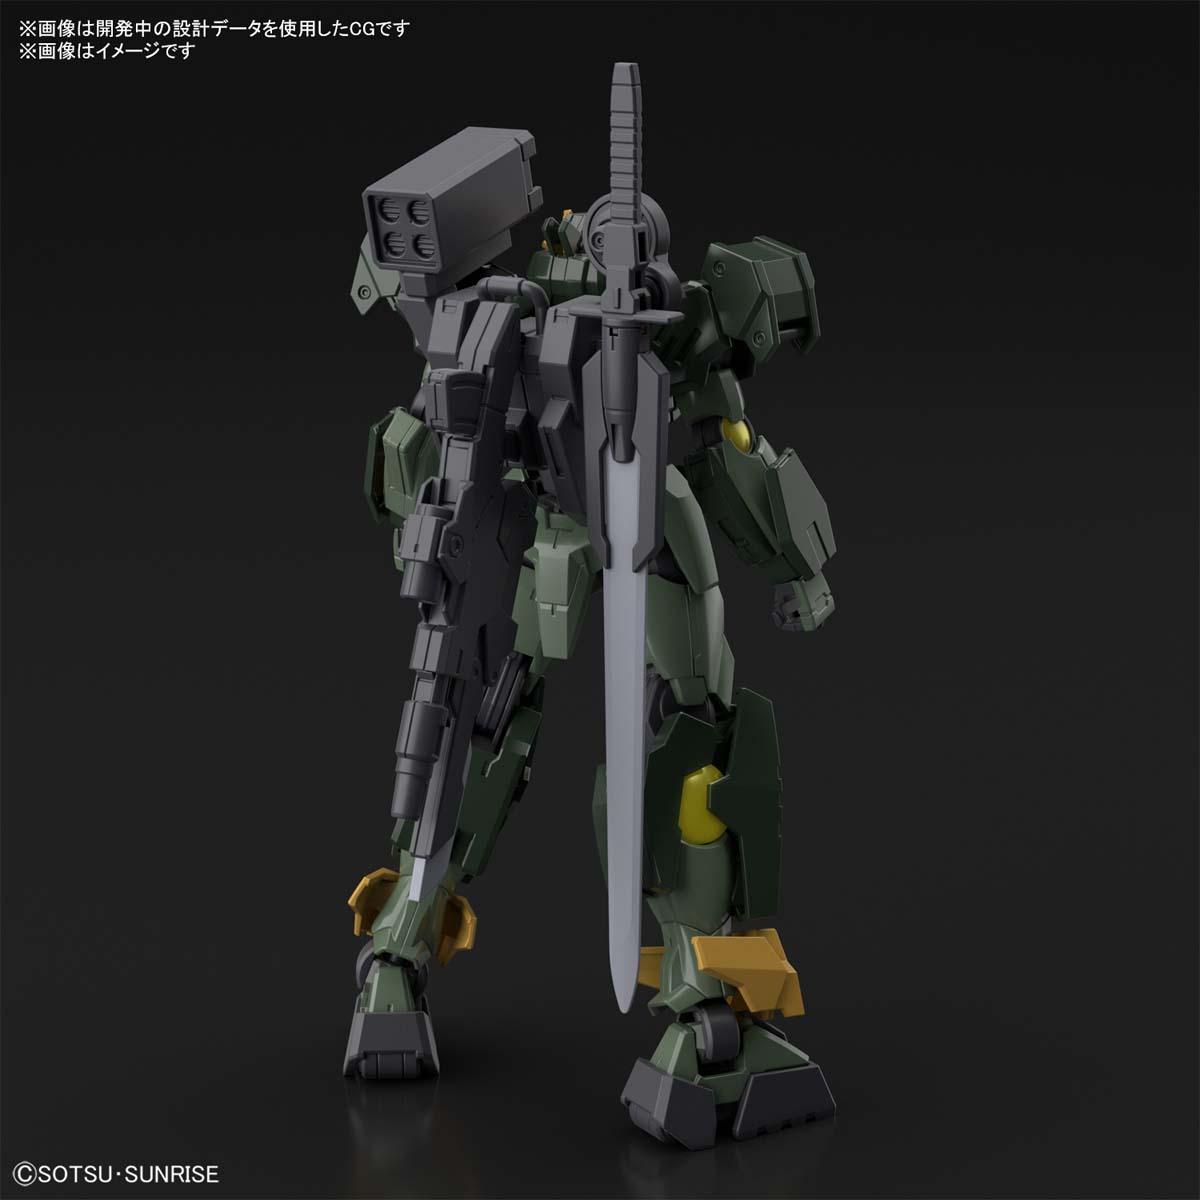 HG 1/144『ガンダムダブルオーコマンドクアンタ』ガンダムブレイカー バトローグ プラモデル-002